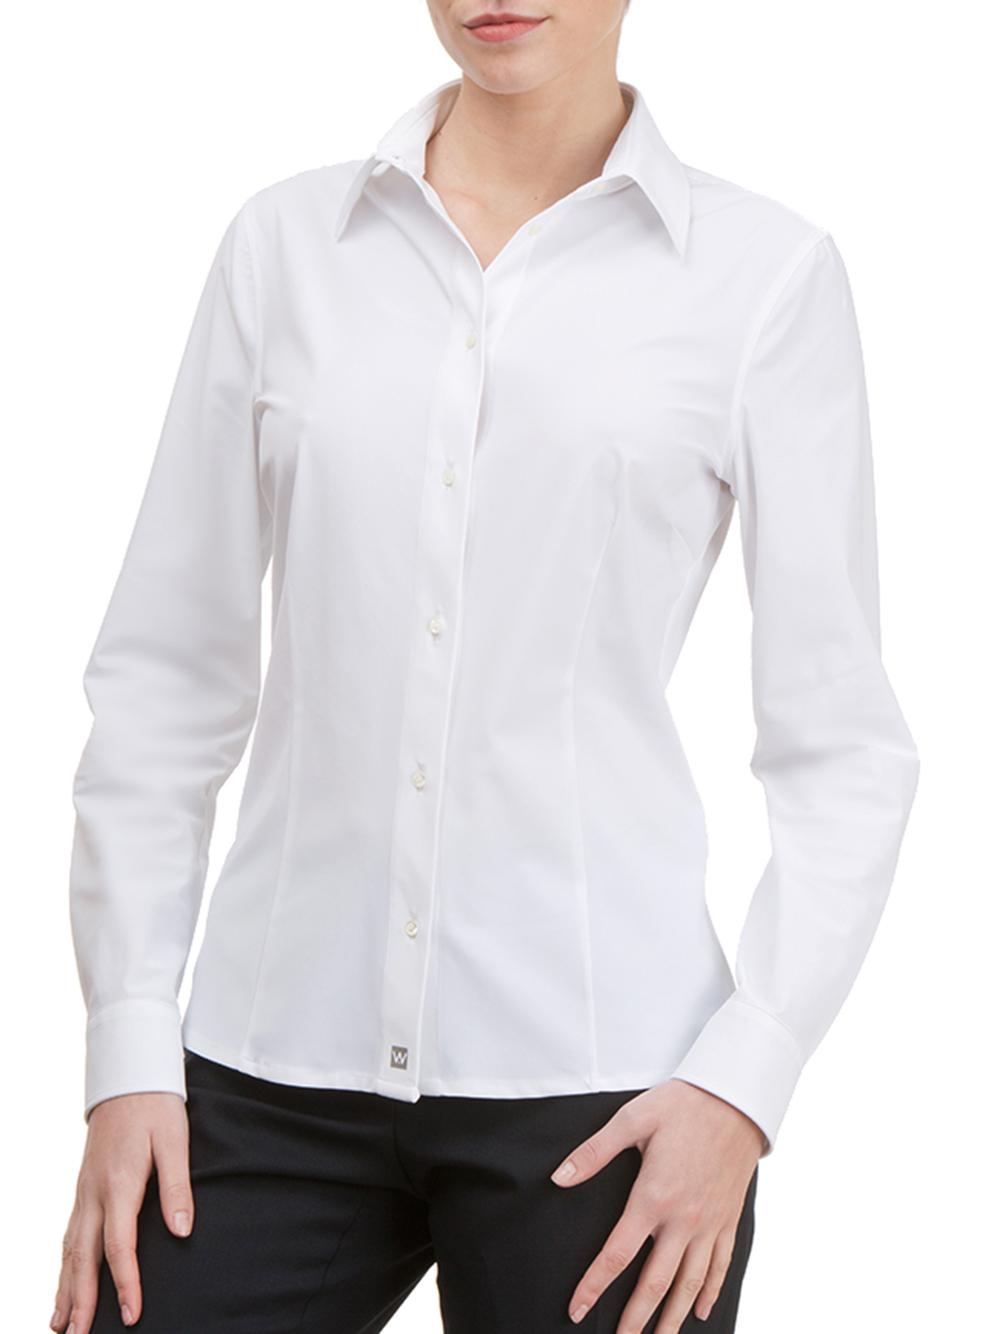 Immagine camicia no stiro venezia